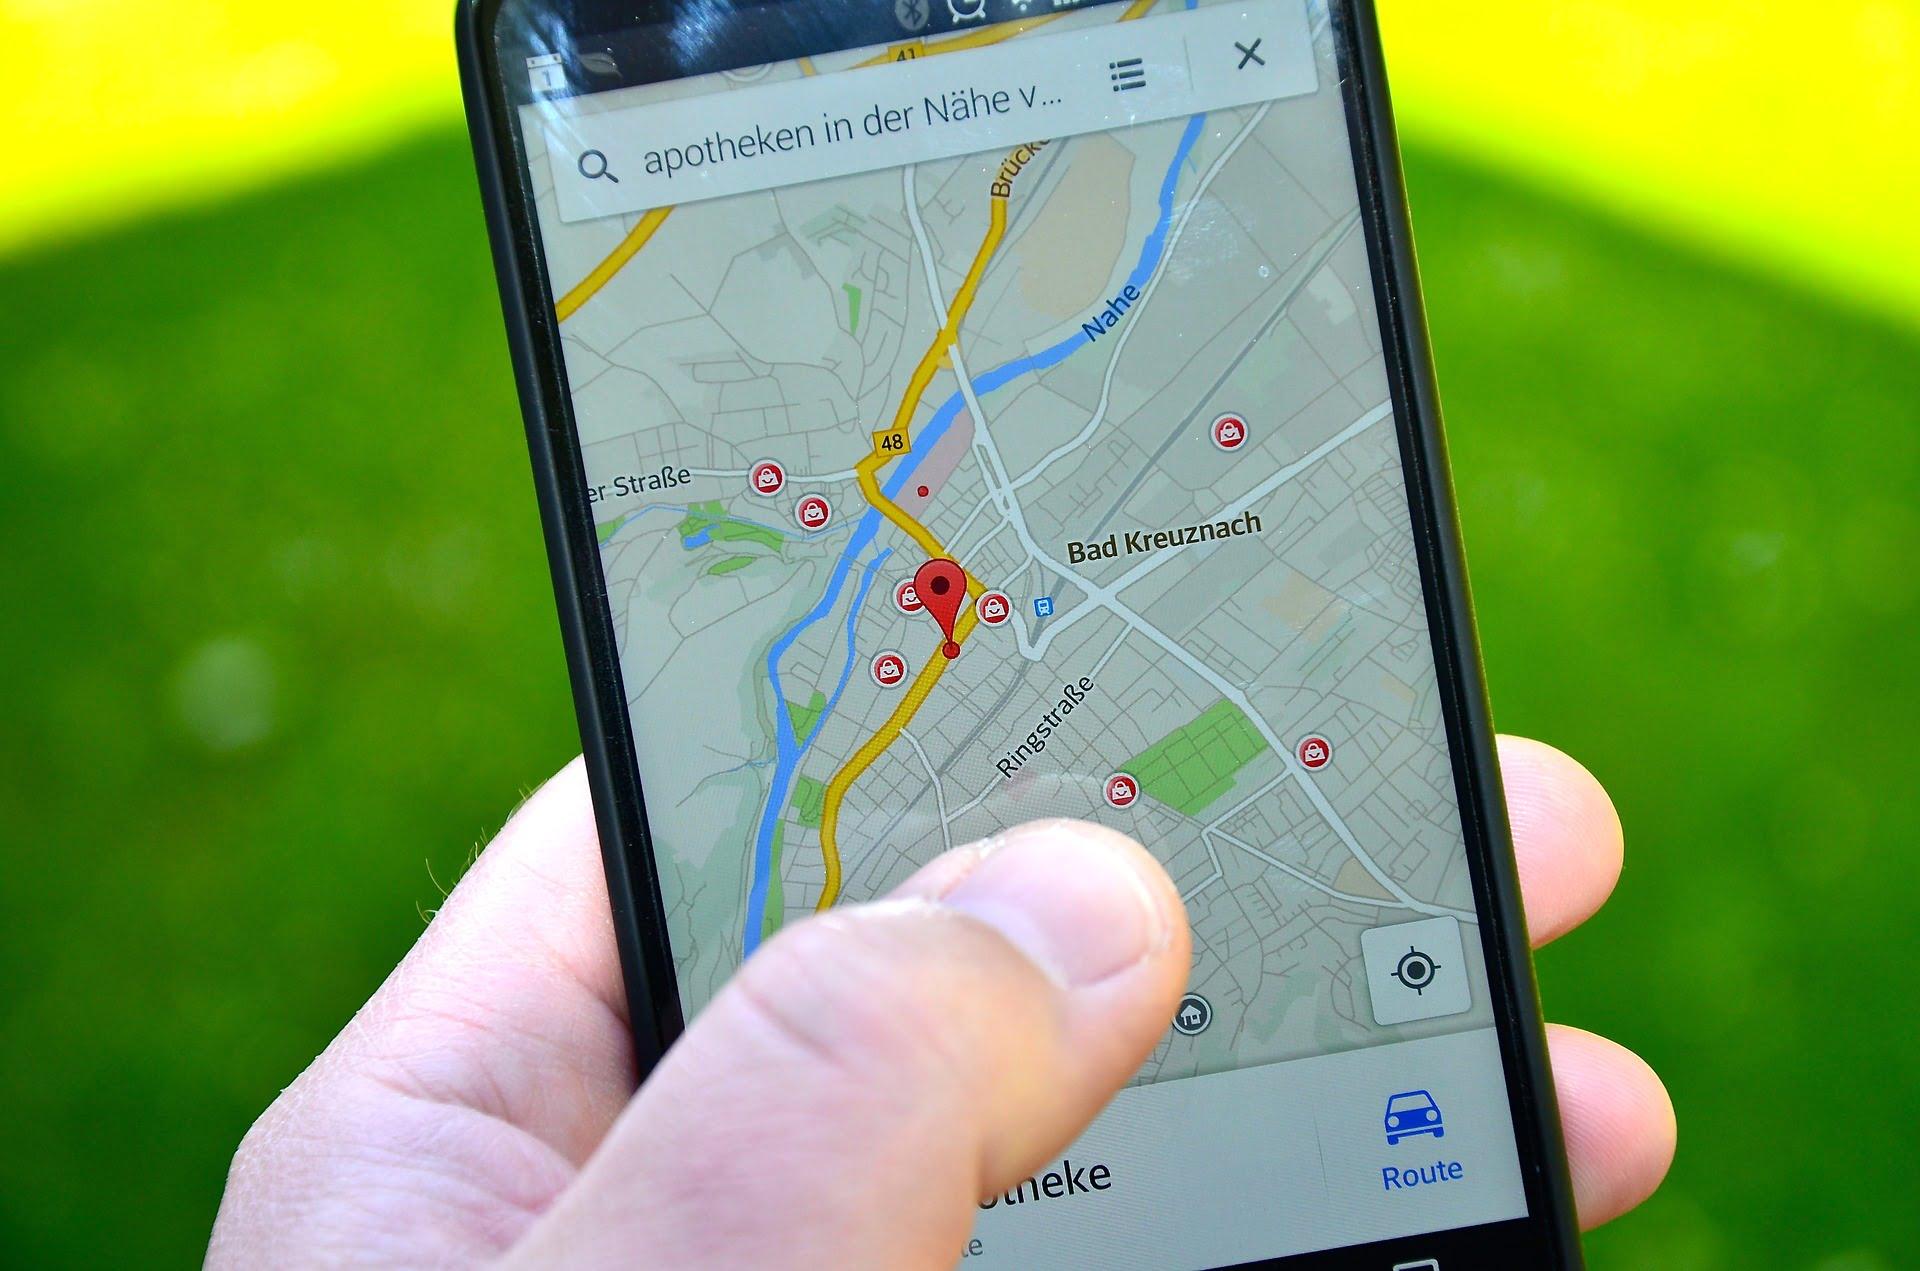 На фото изображен навигатор в телефоне